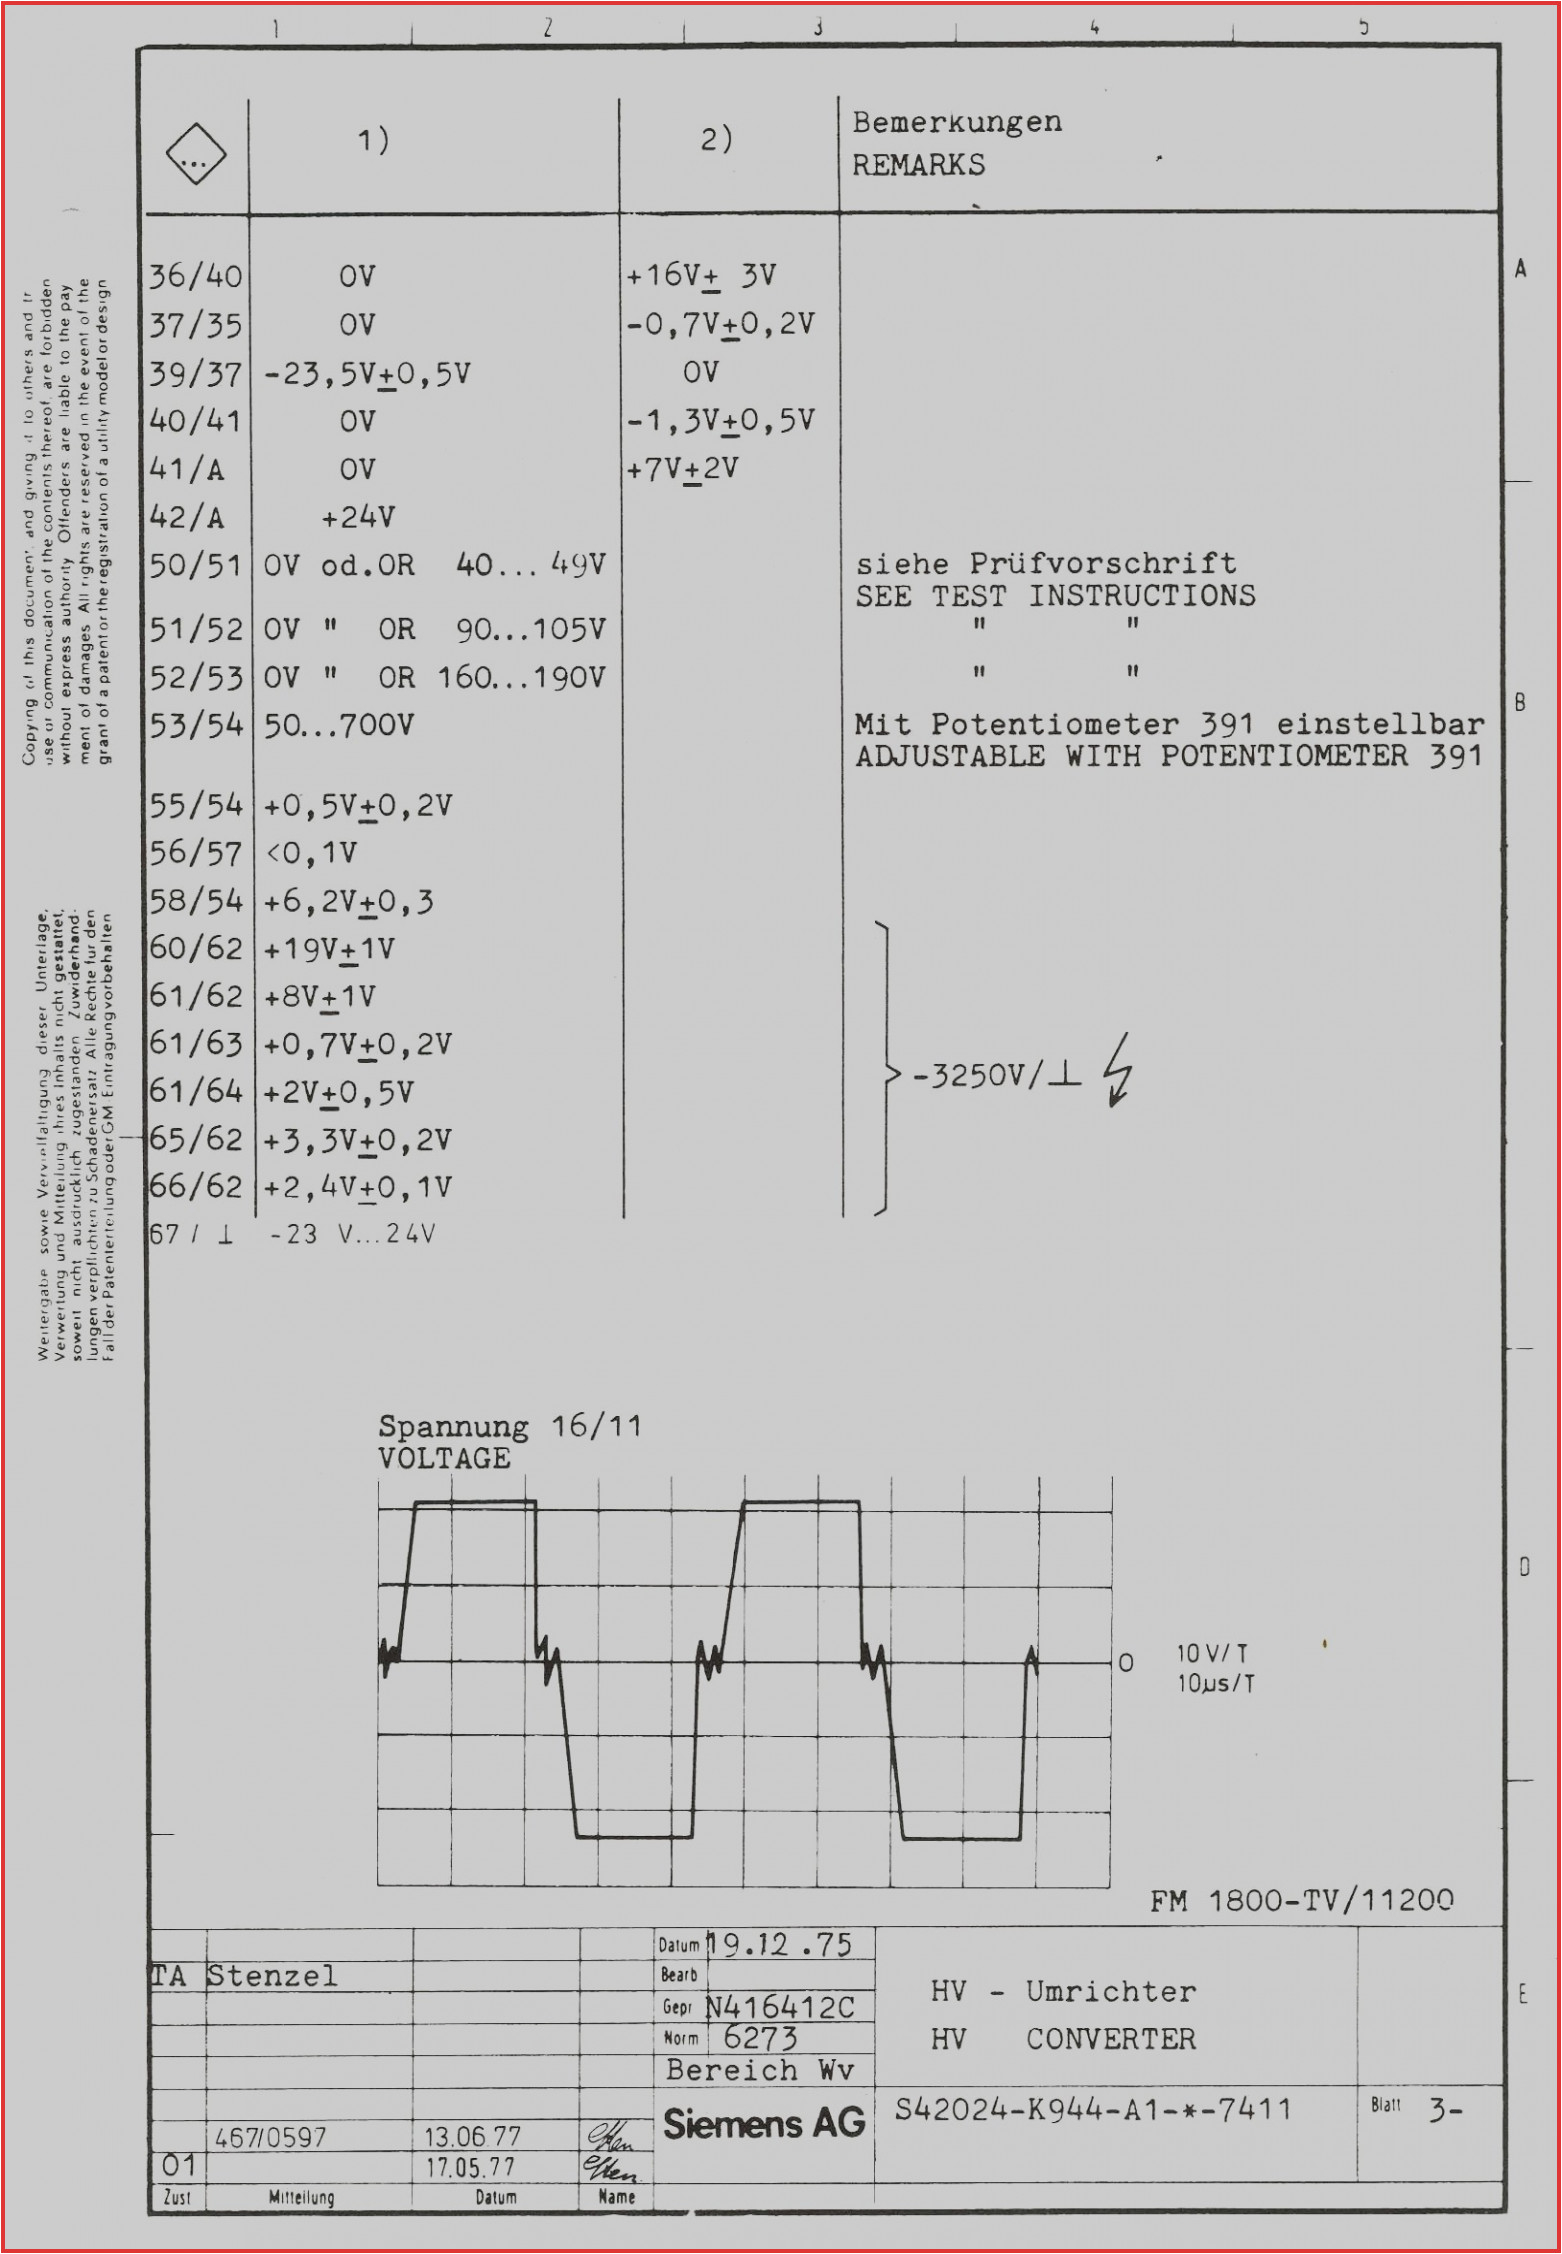 24v relay wiring diagram honeywell thermostat relay wiring diagram new honeywell aquastat wiring diagram fresh honeywell